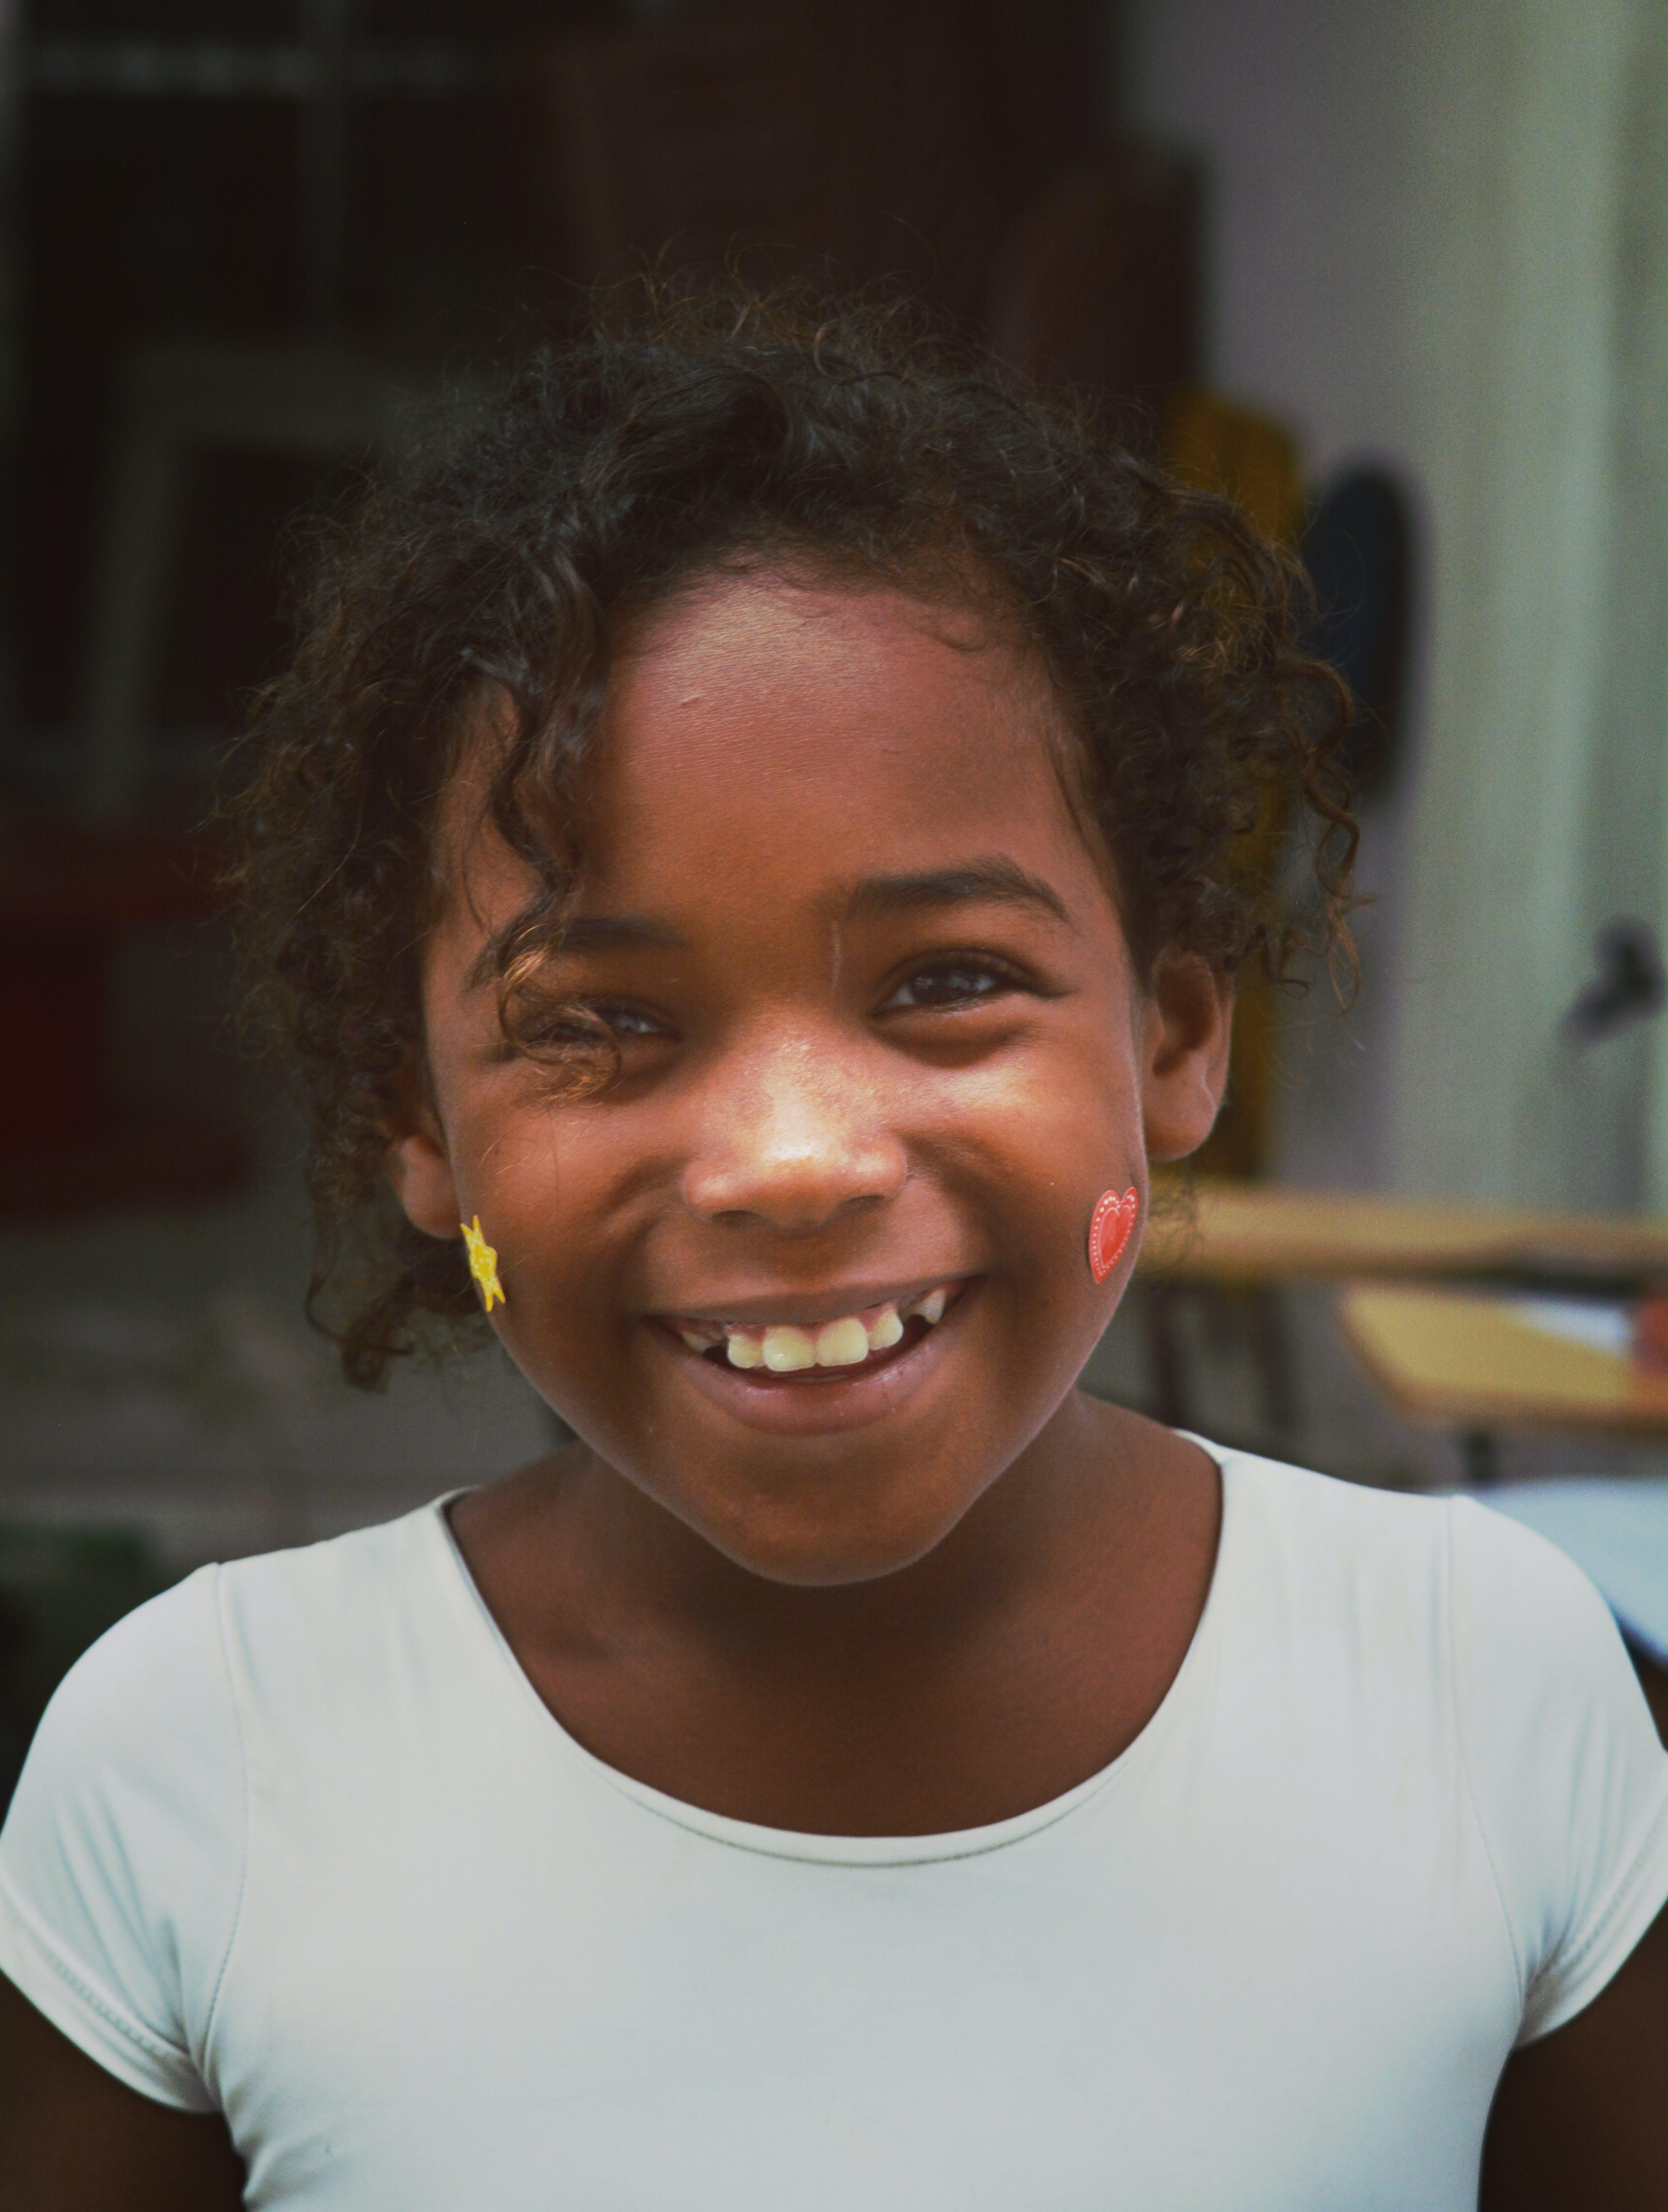 Kostenloses Stock Foto zu brasilianisch, kinder, lächeln, porträt